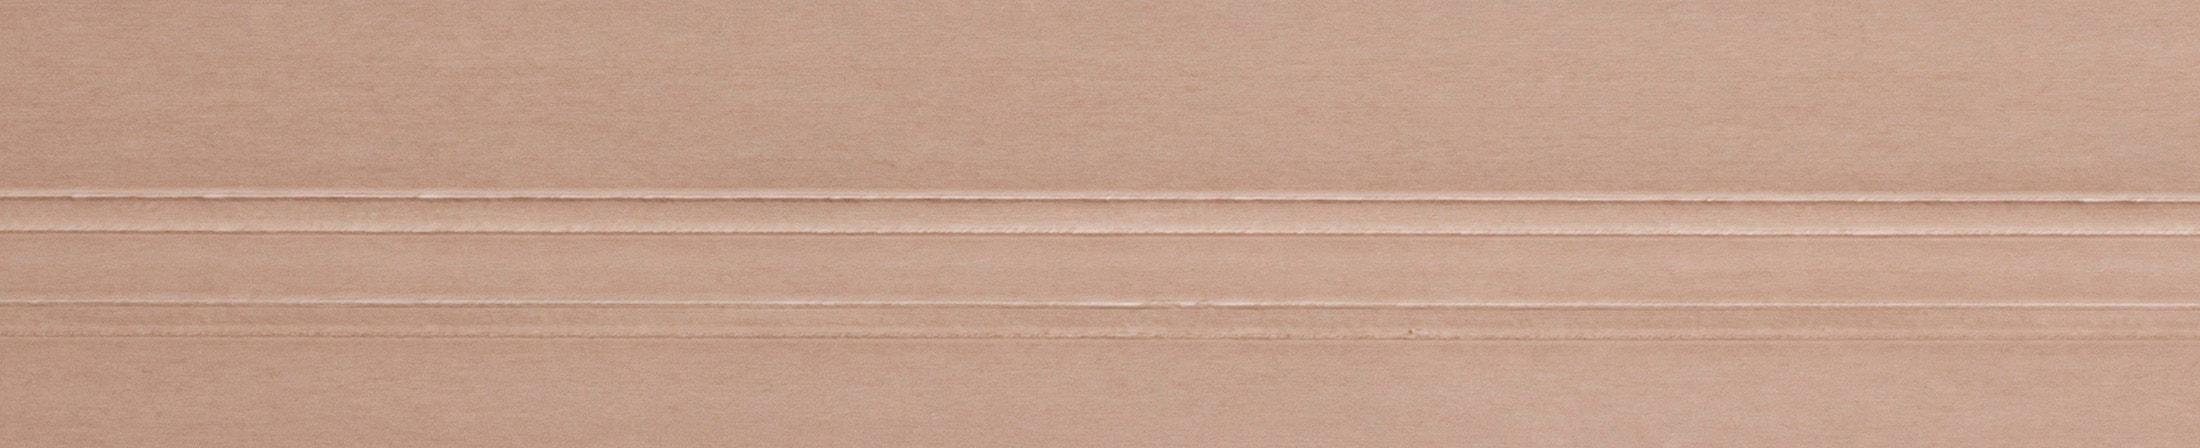 Image of BAUKULIT Flexprofil »MOTIVO«, Eck- Abschluss- und Stossverbindungen Braun, 1 Rolle (3m)